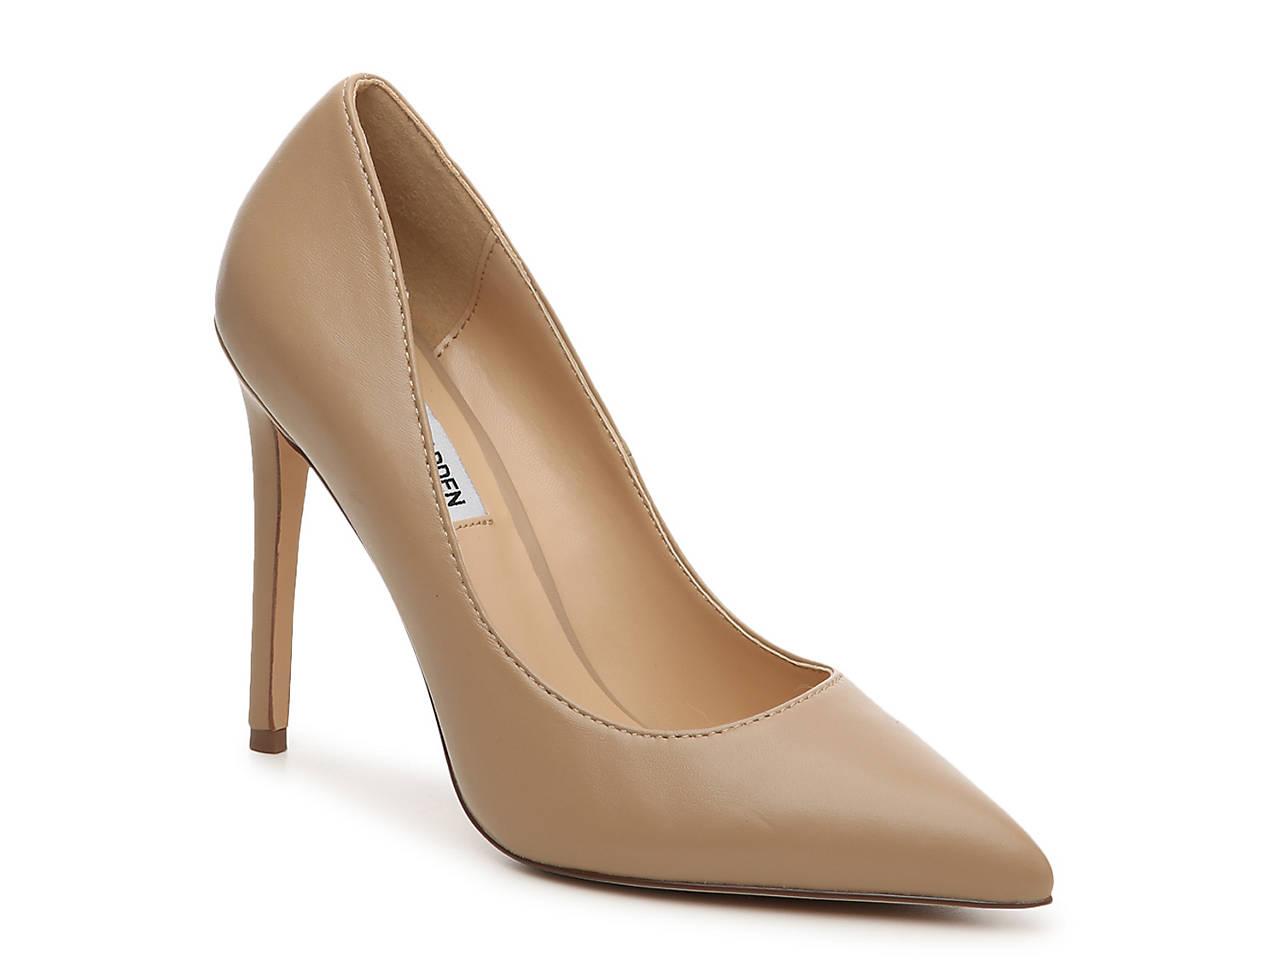 44a353383e2 Steve Madden Orkid Pump Women s Shoes